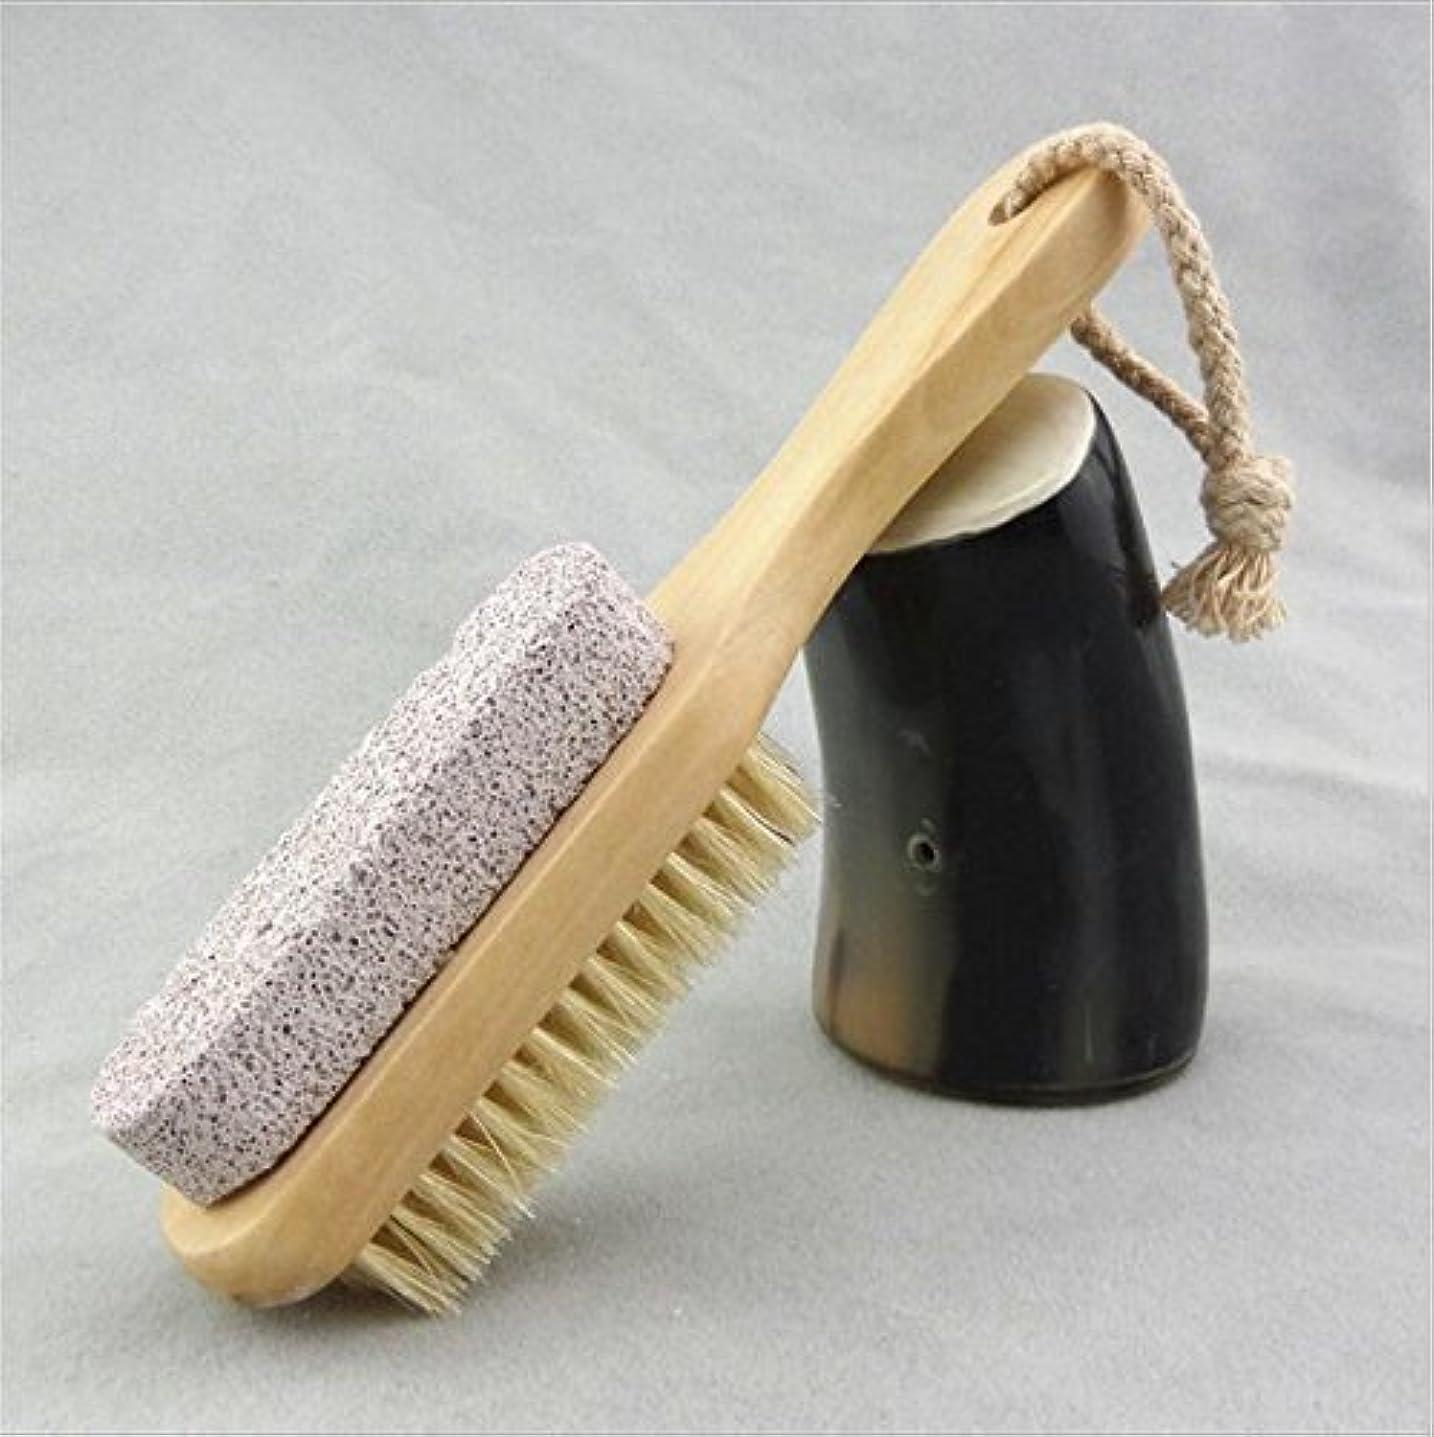 護衛ブロンズ従うBigmind 足軽石の足爪ブラシ 角質除去 天然毛 足爪 かかと削り フット用品 ブラシフットケア かかとキレイフットブラシ